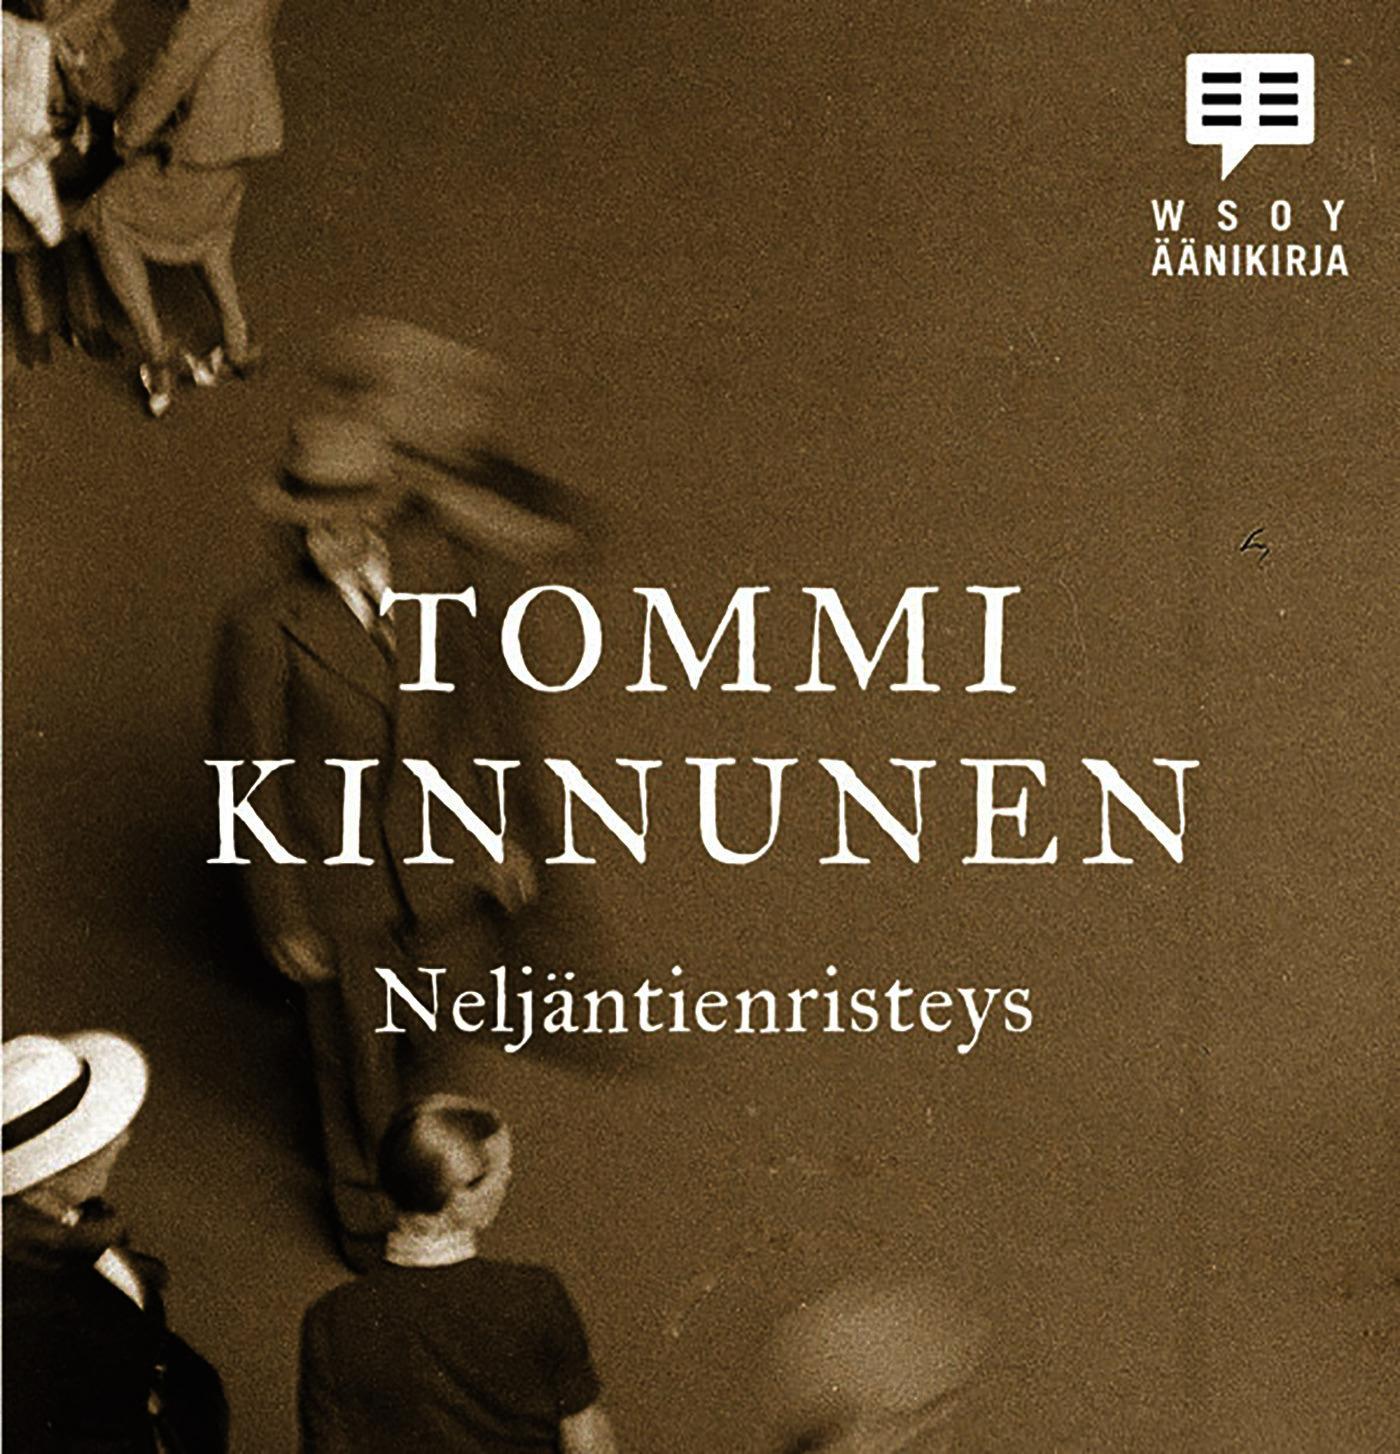 Kinnunen, Tommi - Neljäntienristeys, äänikirja